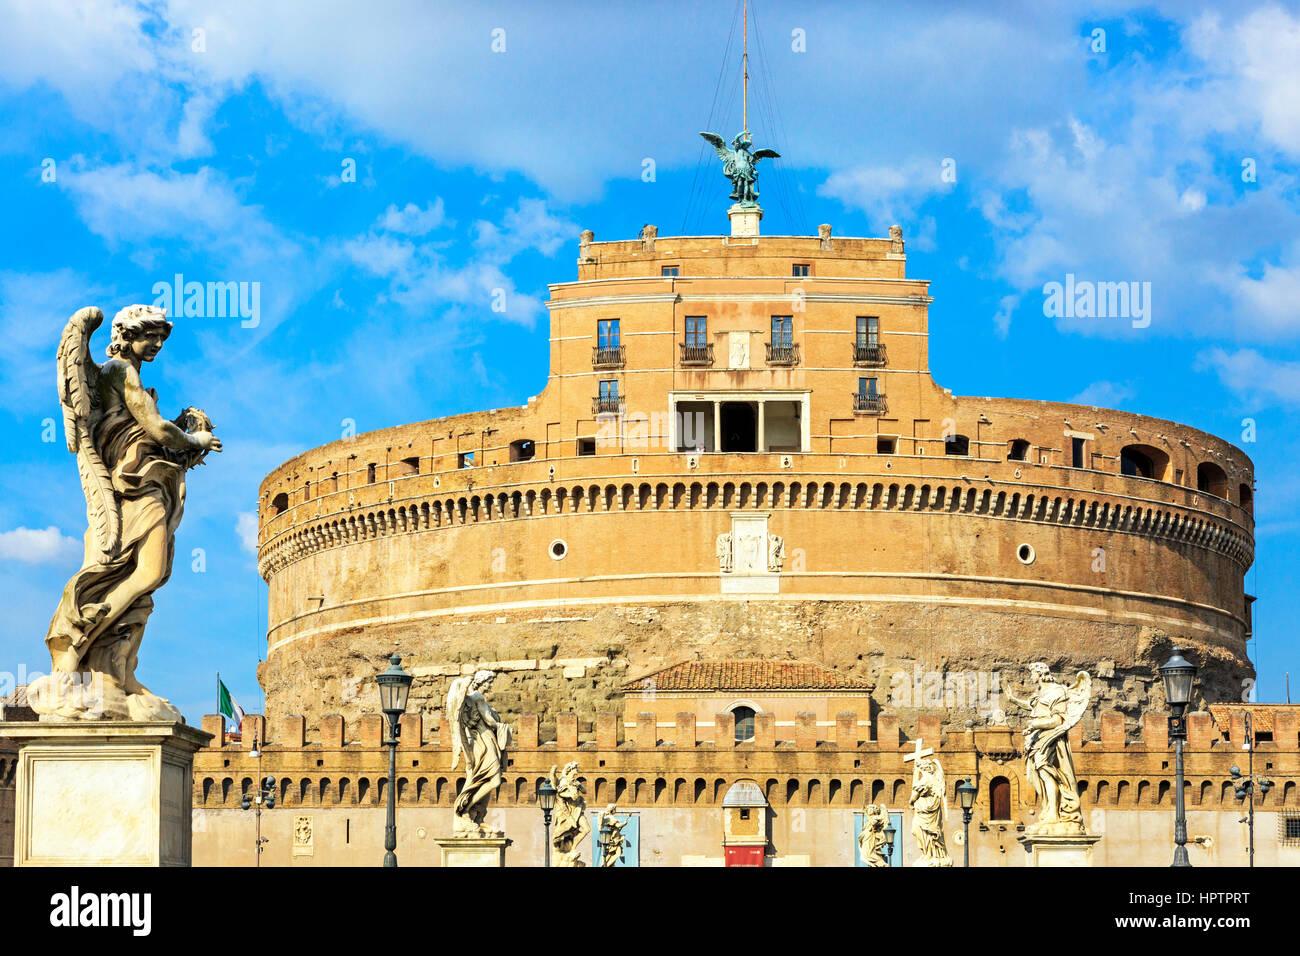 Gli angeli su Ponte Sant Angelo inquadrando il Castello di Sant'Angelo, nel parco Adriano district, Roma, Italia Immagini Stock